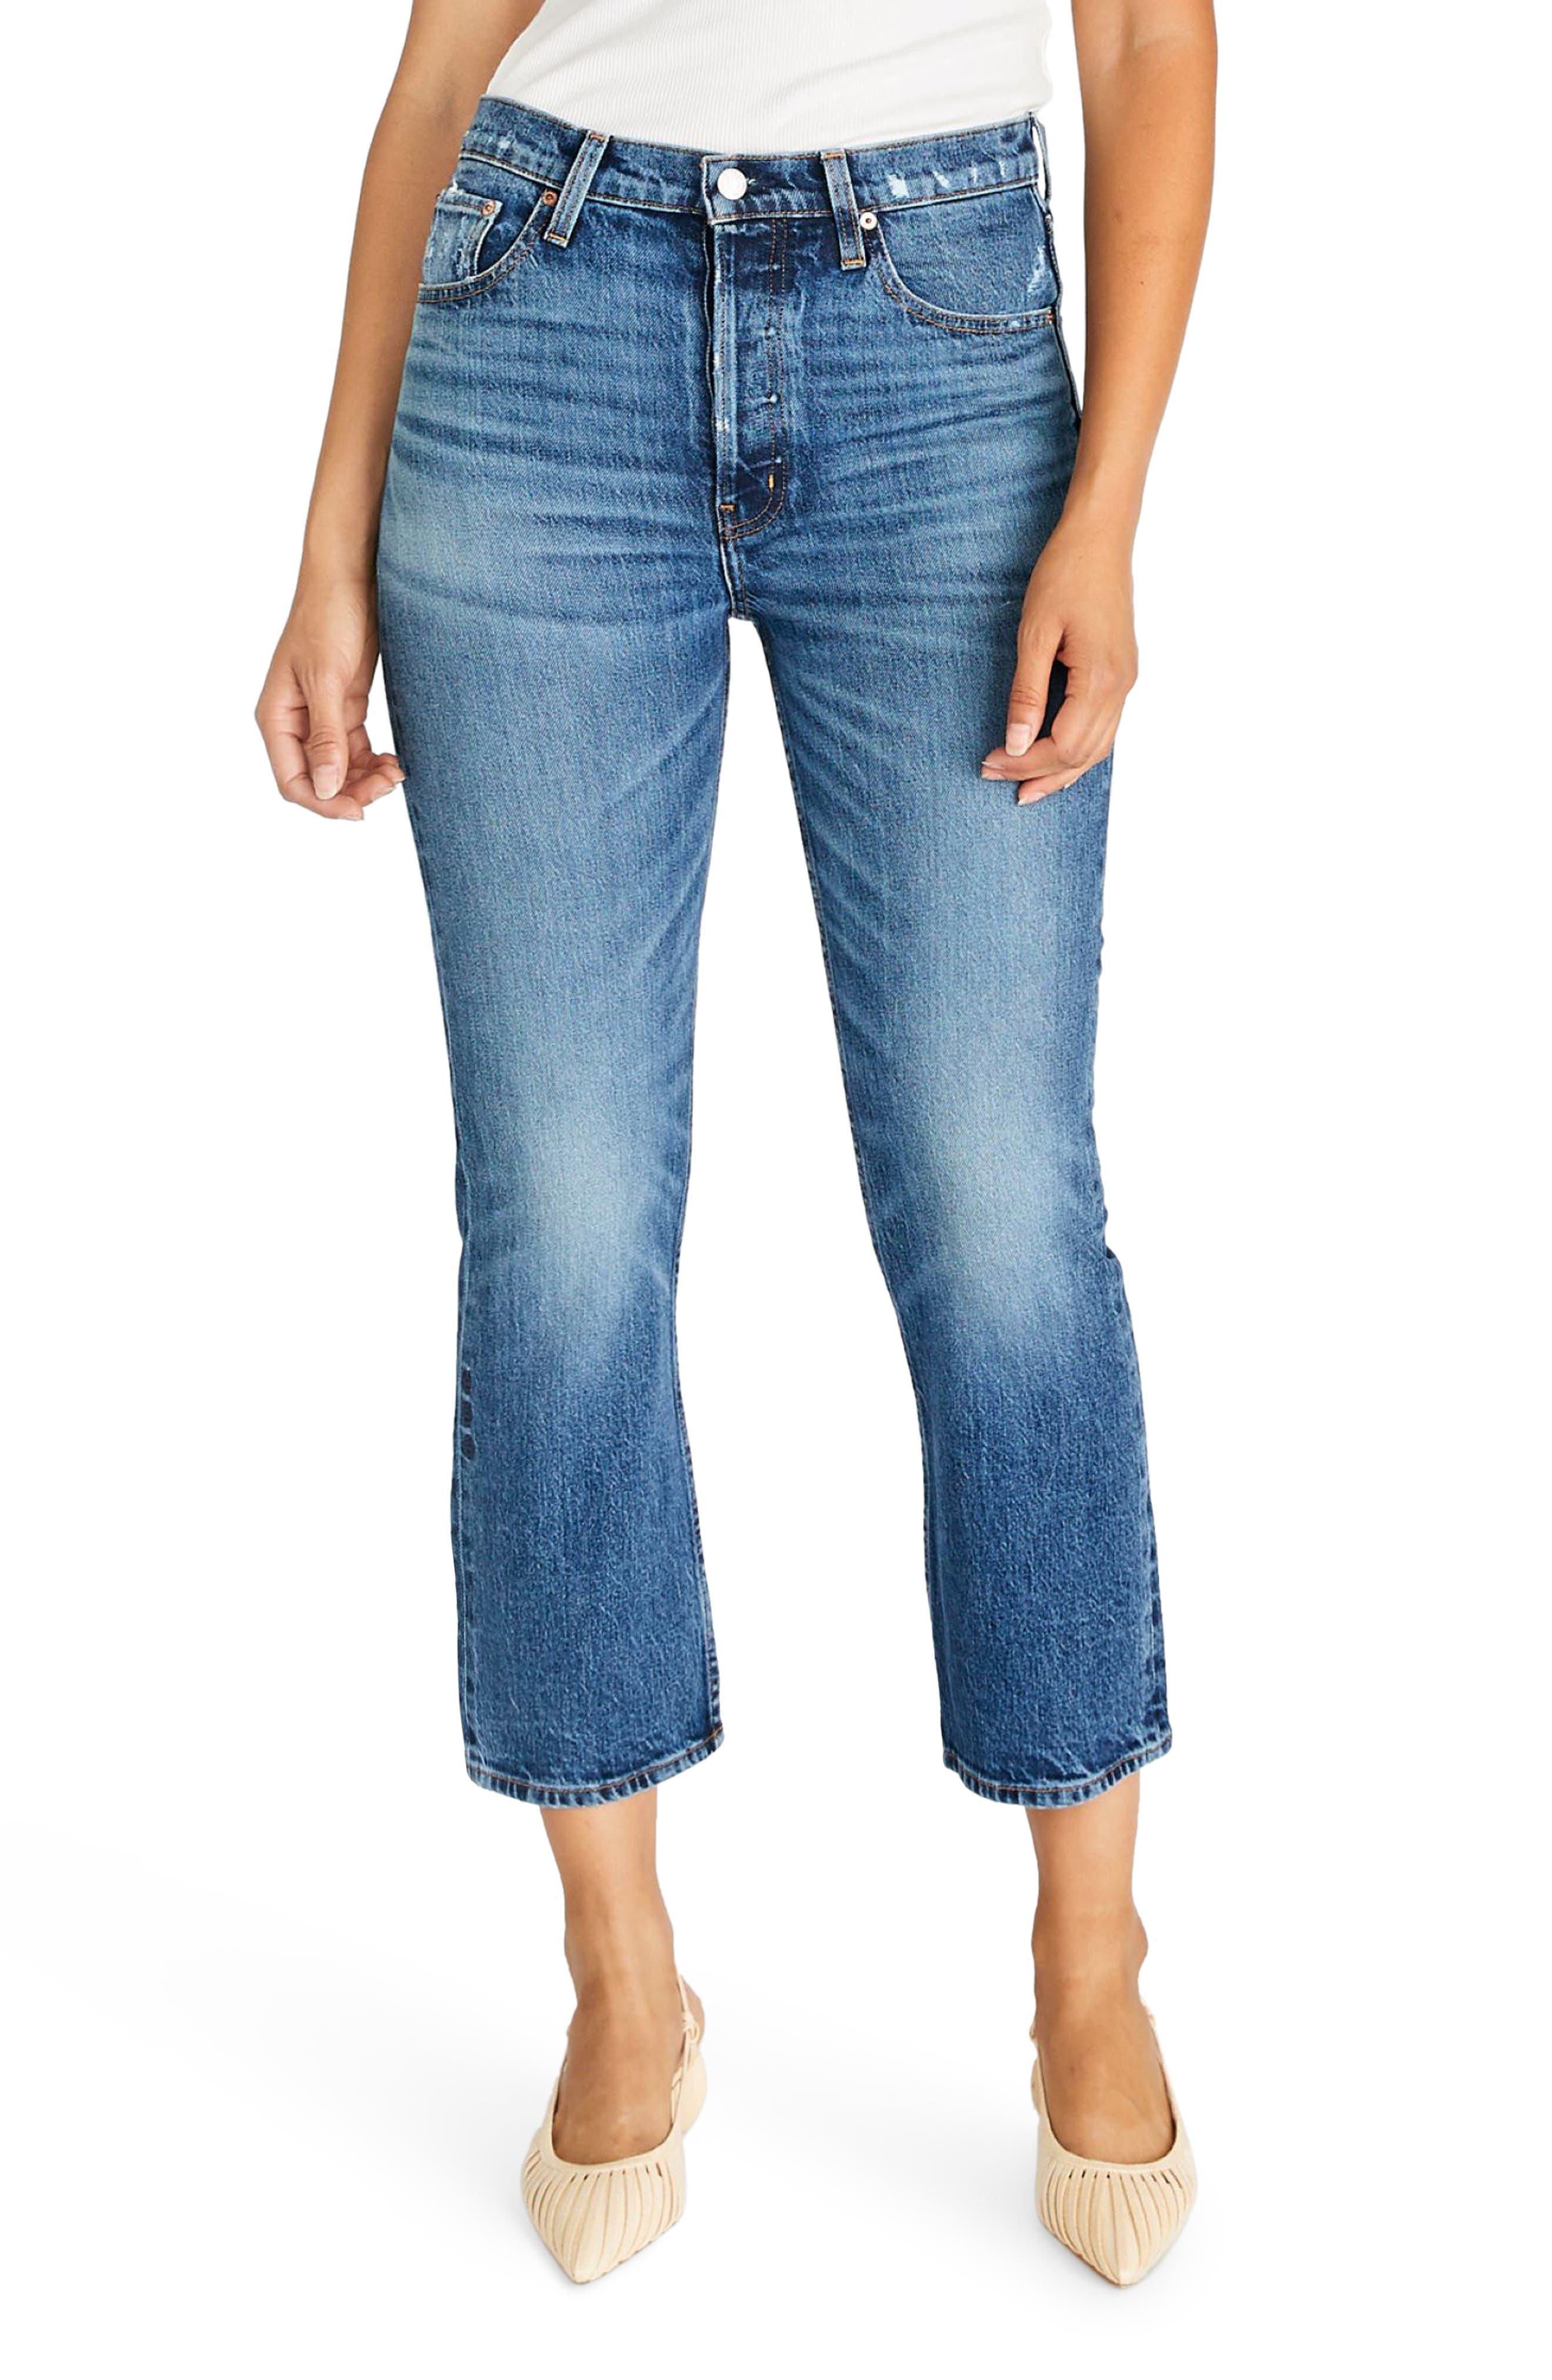 Women's Etica Josie High Waist Raw Hem Flare Jeans